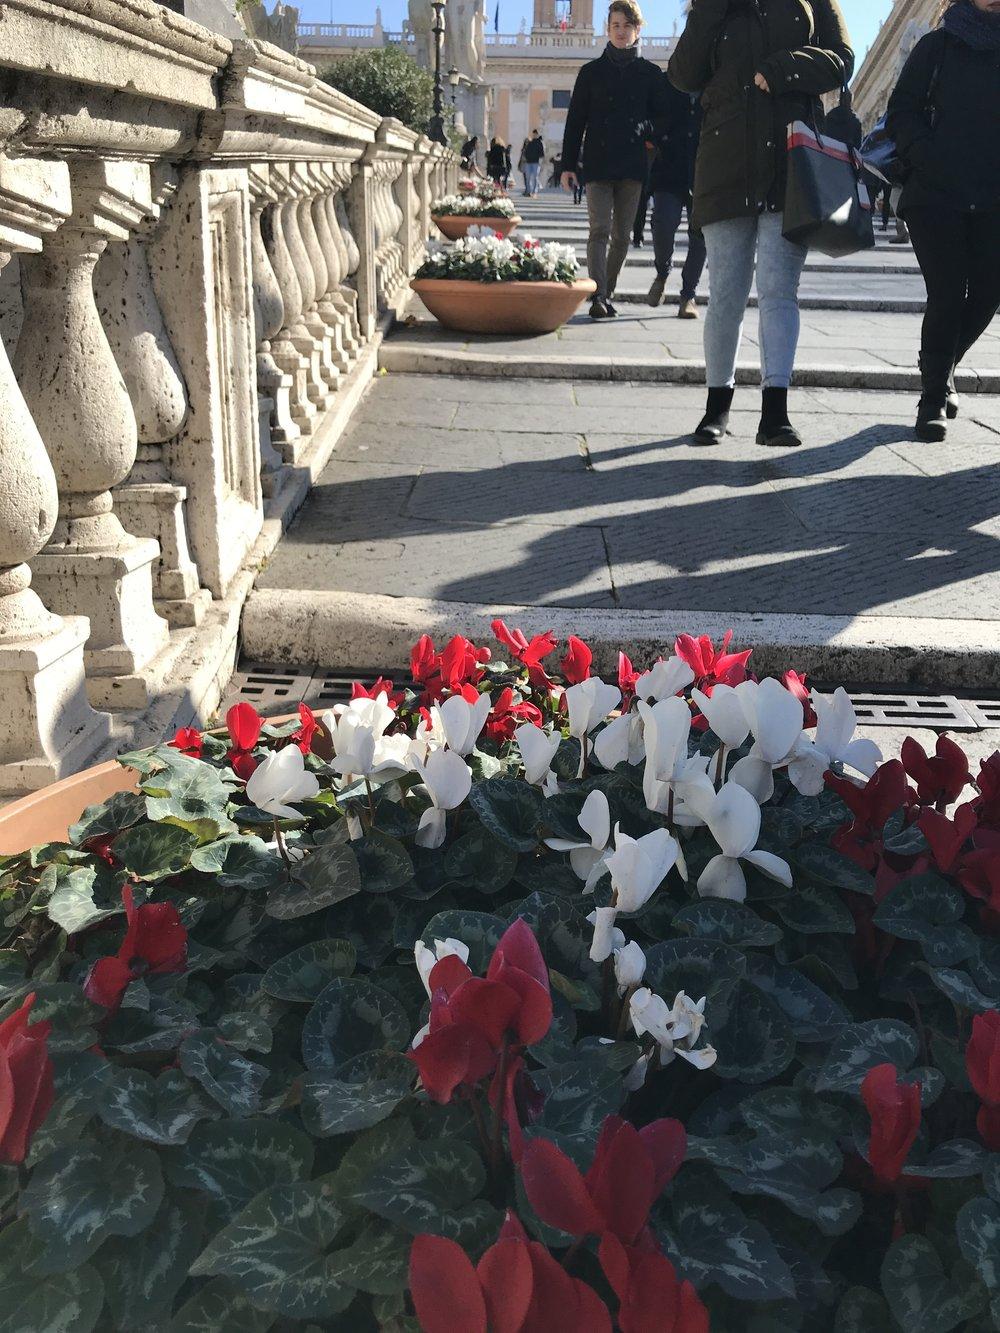 O inverno é florido em Roma - O acesso aos Museus Capitolinos é feito por meio de uma escada pouco íngreme, ladeada por esculturas.